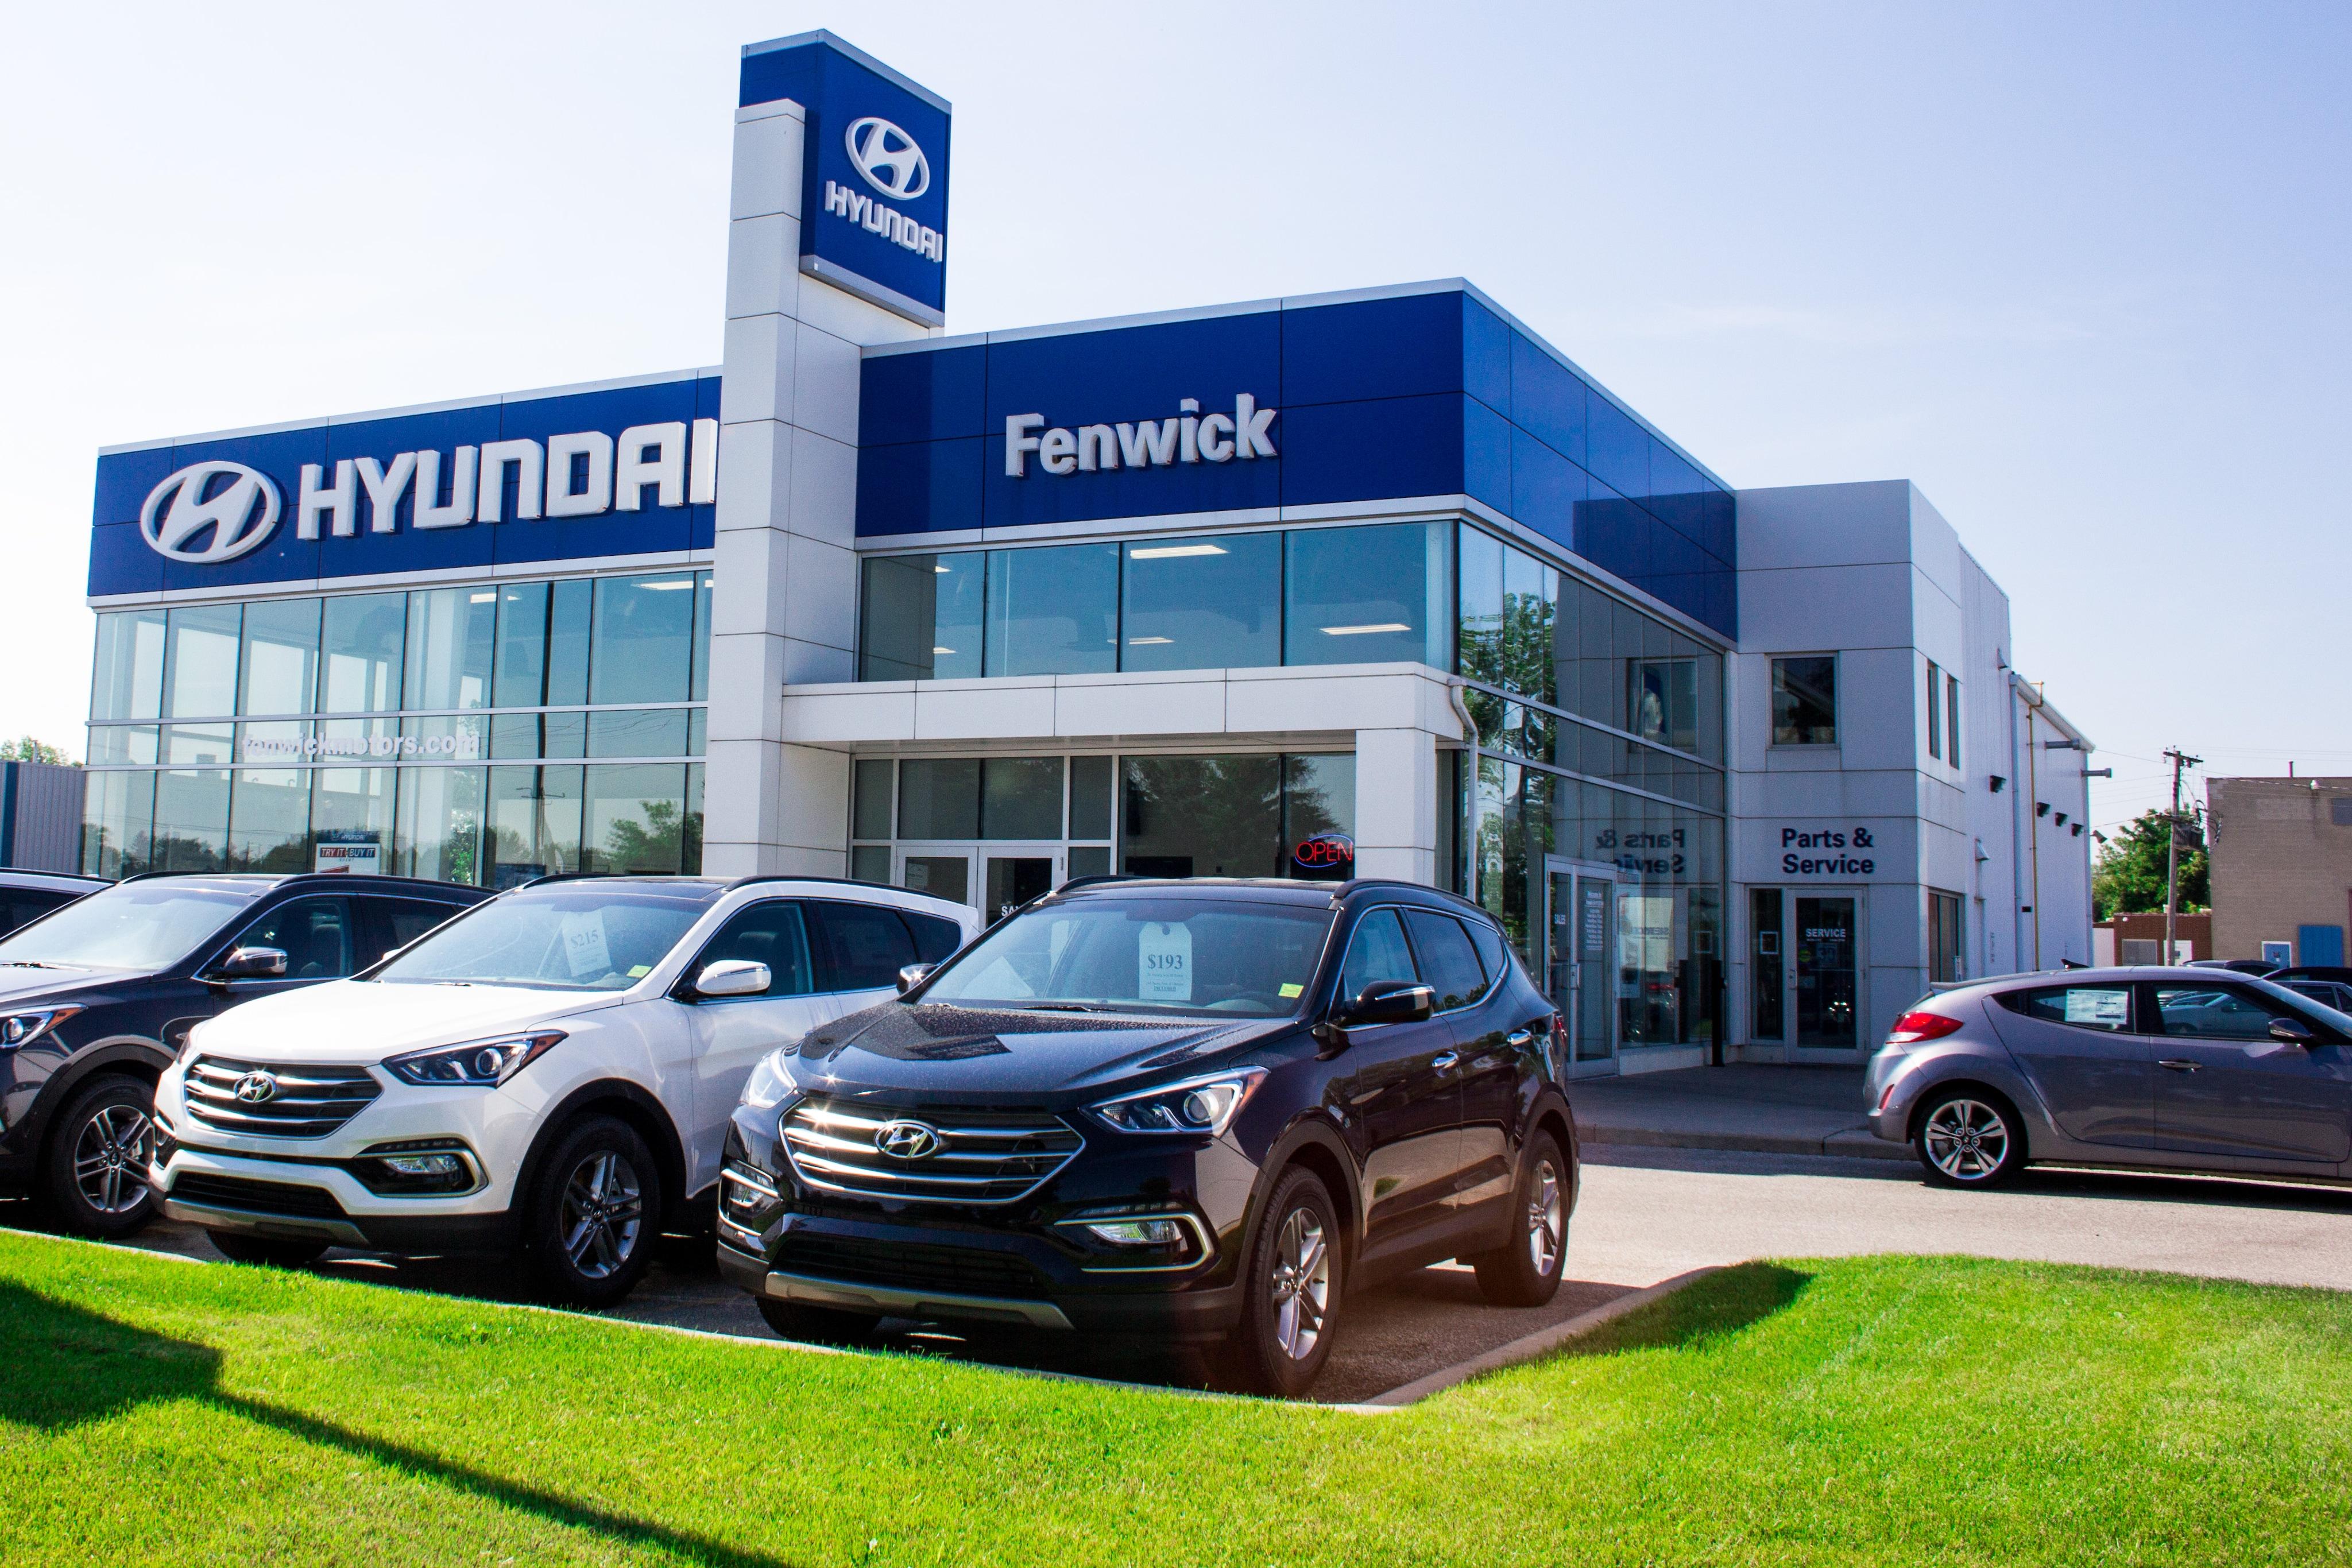 Fenwick Motors Ltd